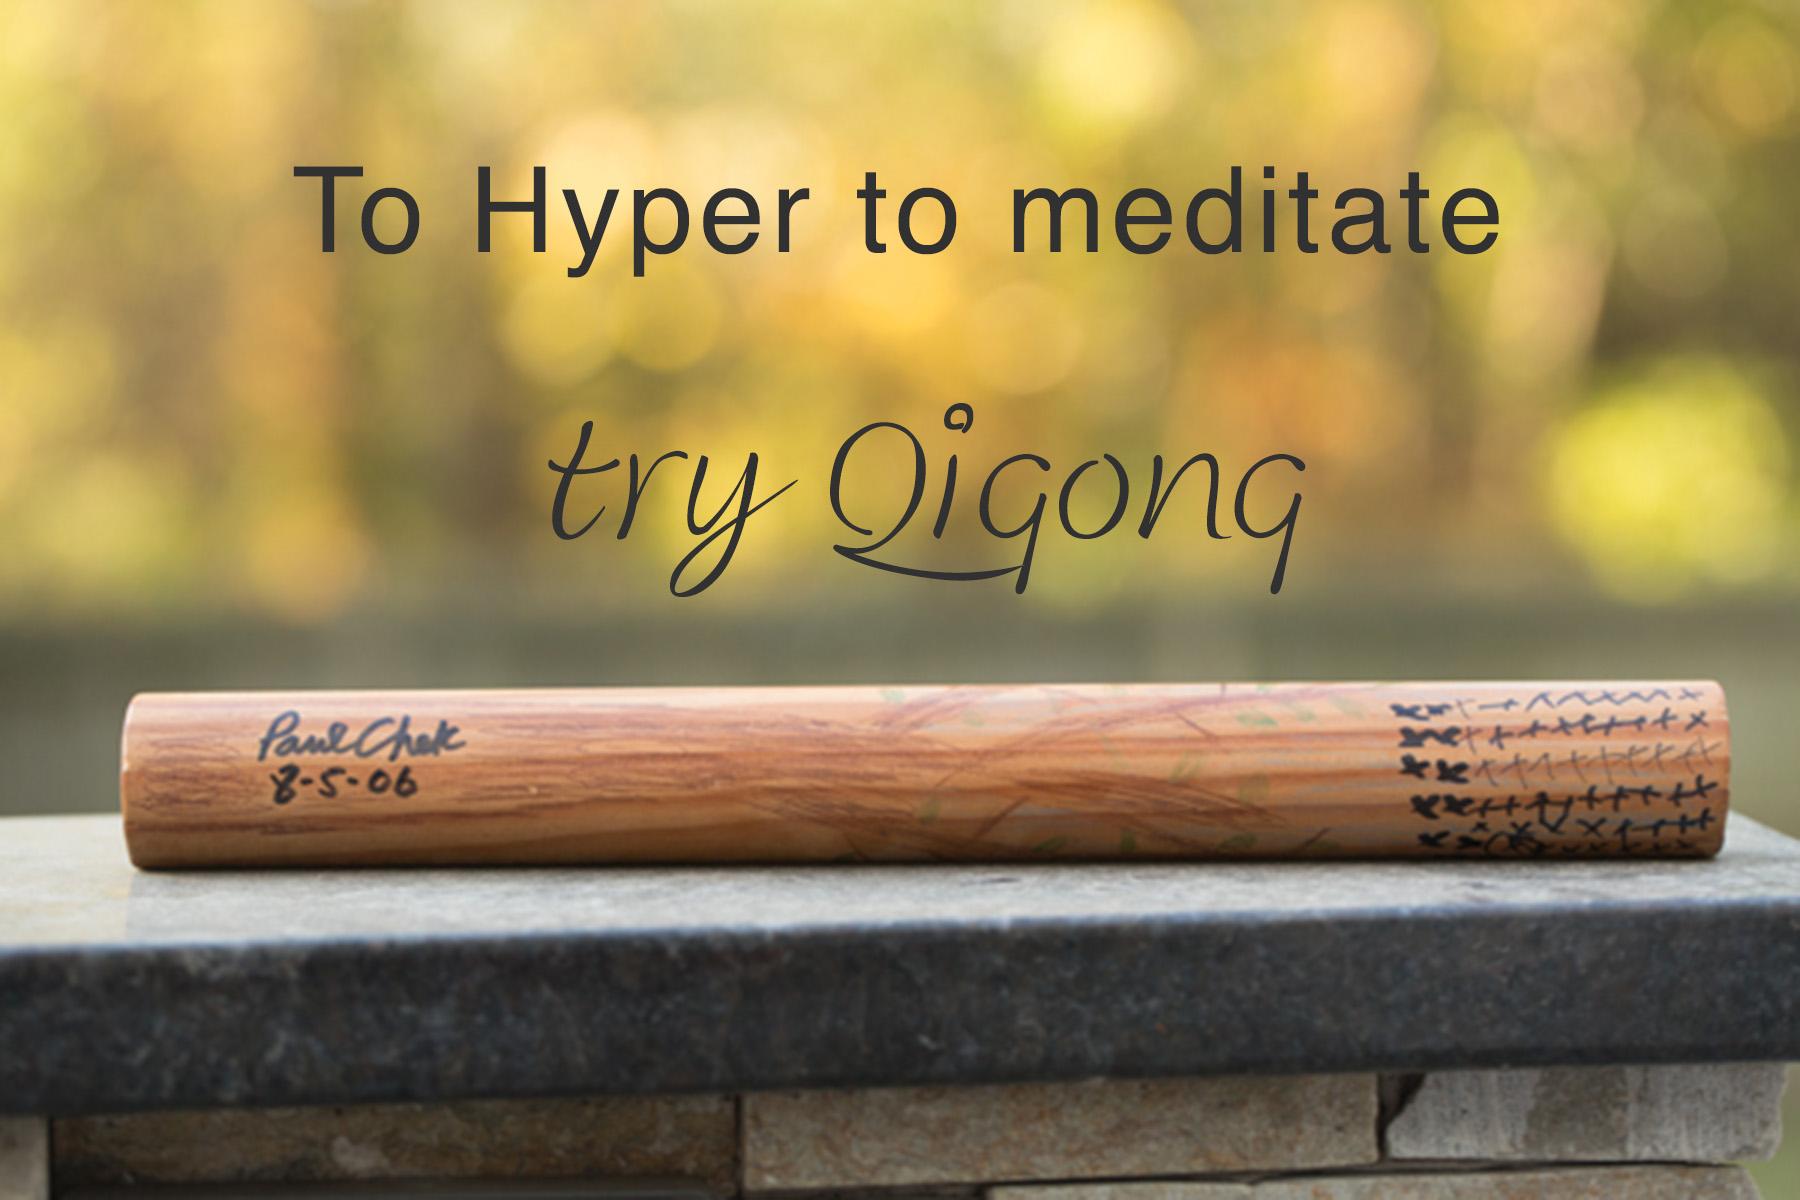 qigong stick for meditation